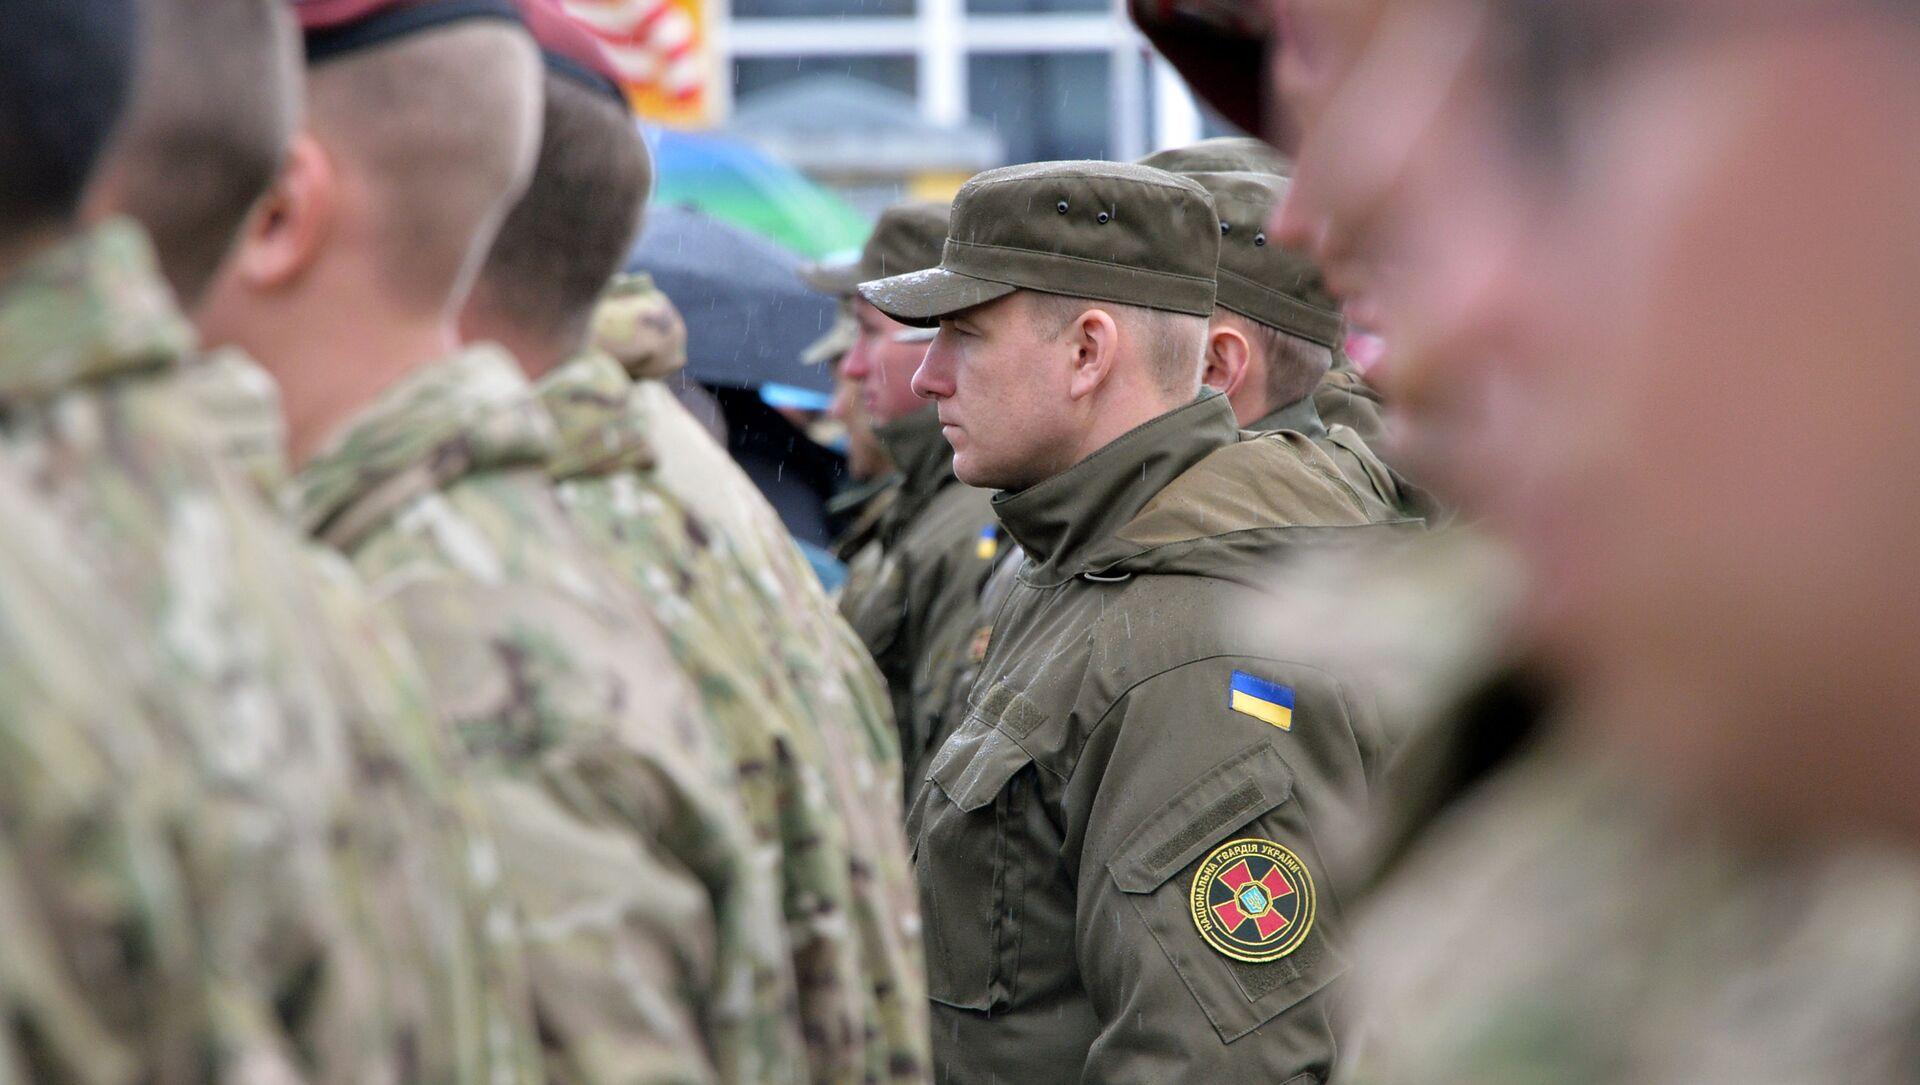 Amerykańscy i ukraińscy żołnierze na jaworowskim poligonie w obwodzie lwowskim  - Sputnik Polska, 1920, 17.04.2021